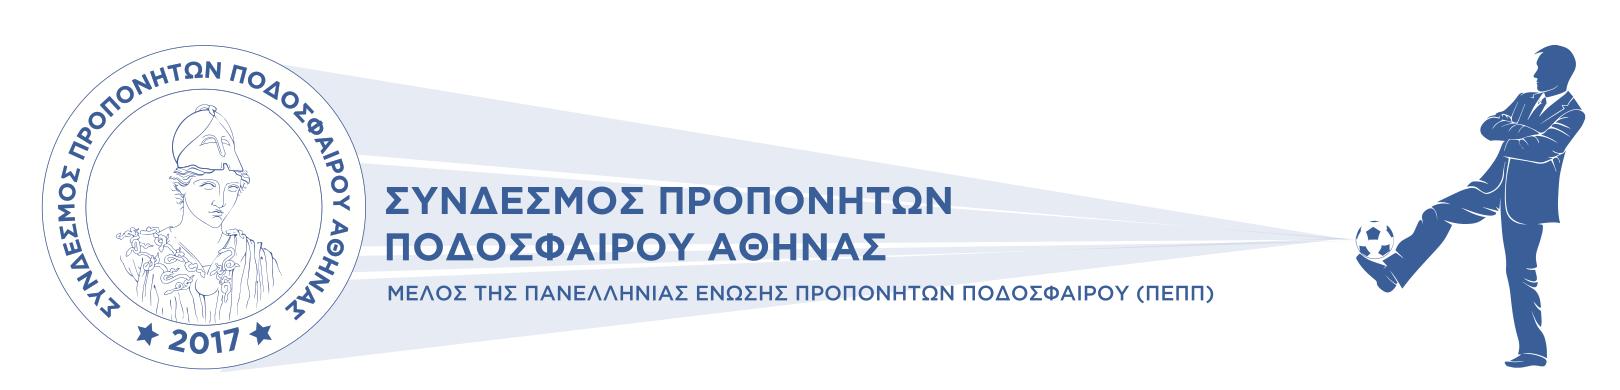 Σύνδεσμος Προπονητών Ποδοσφαίρου Αθήνας